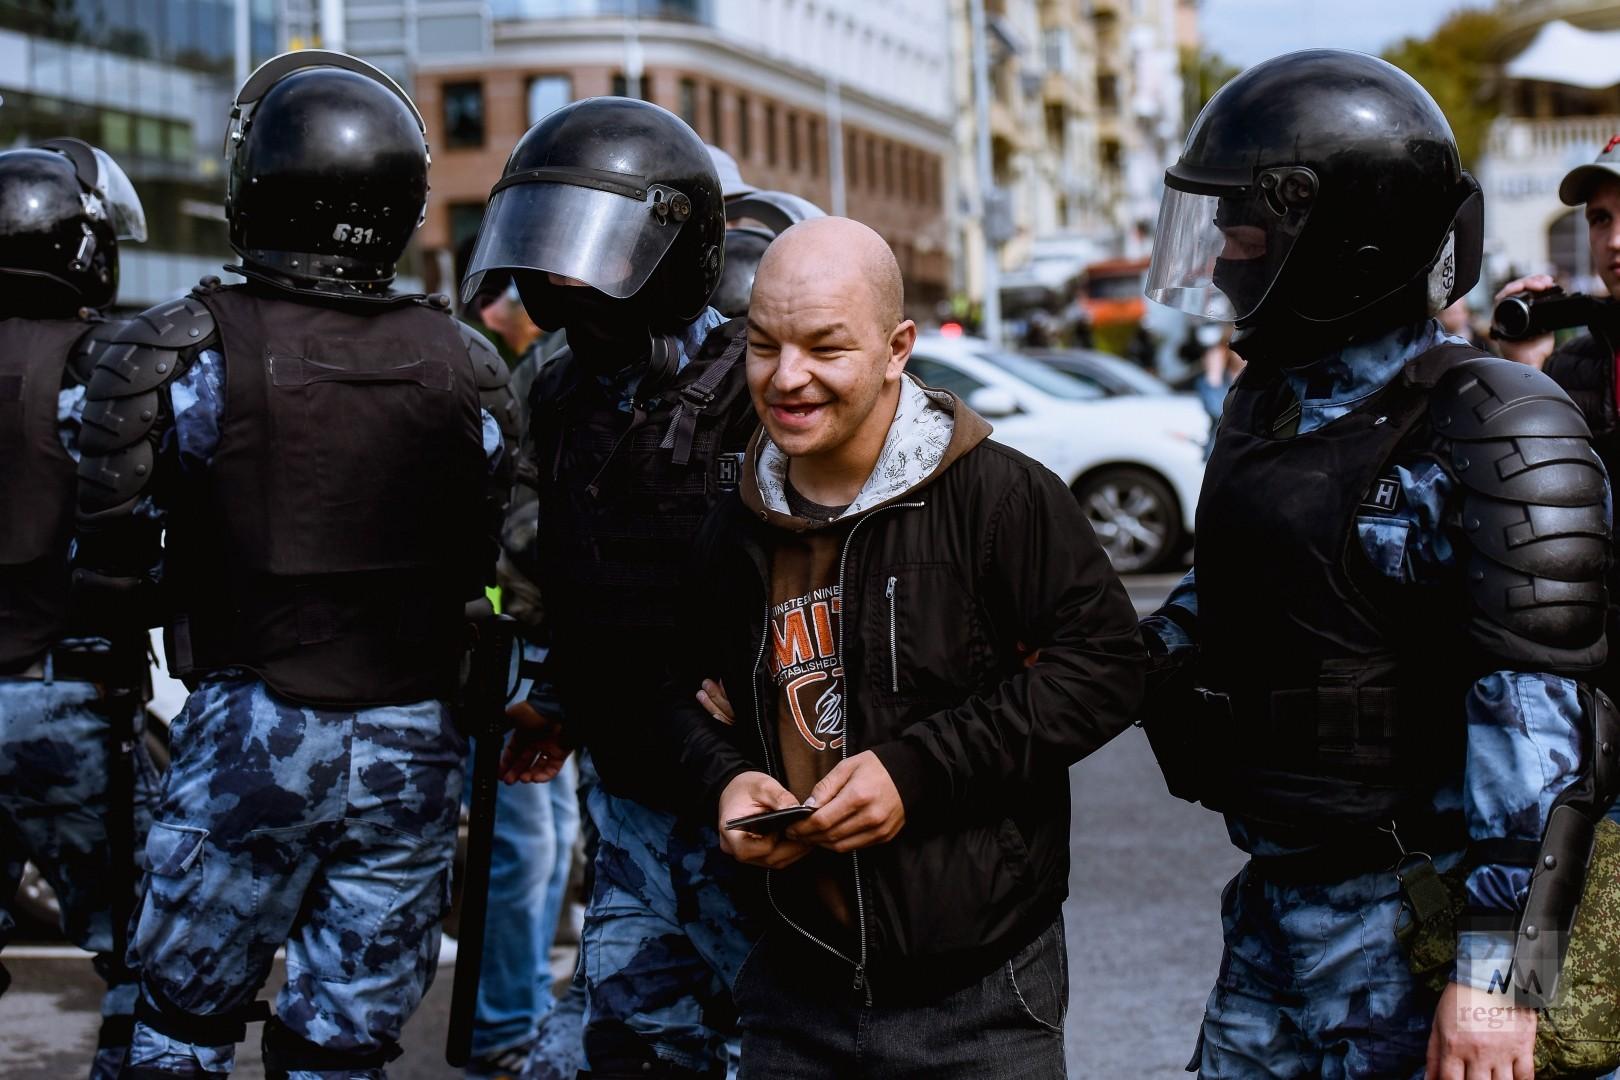 Задержание участников несогласованнай акции протеста в Москве